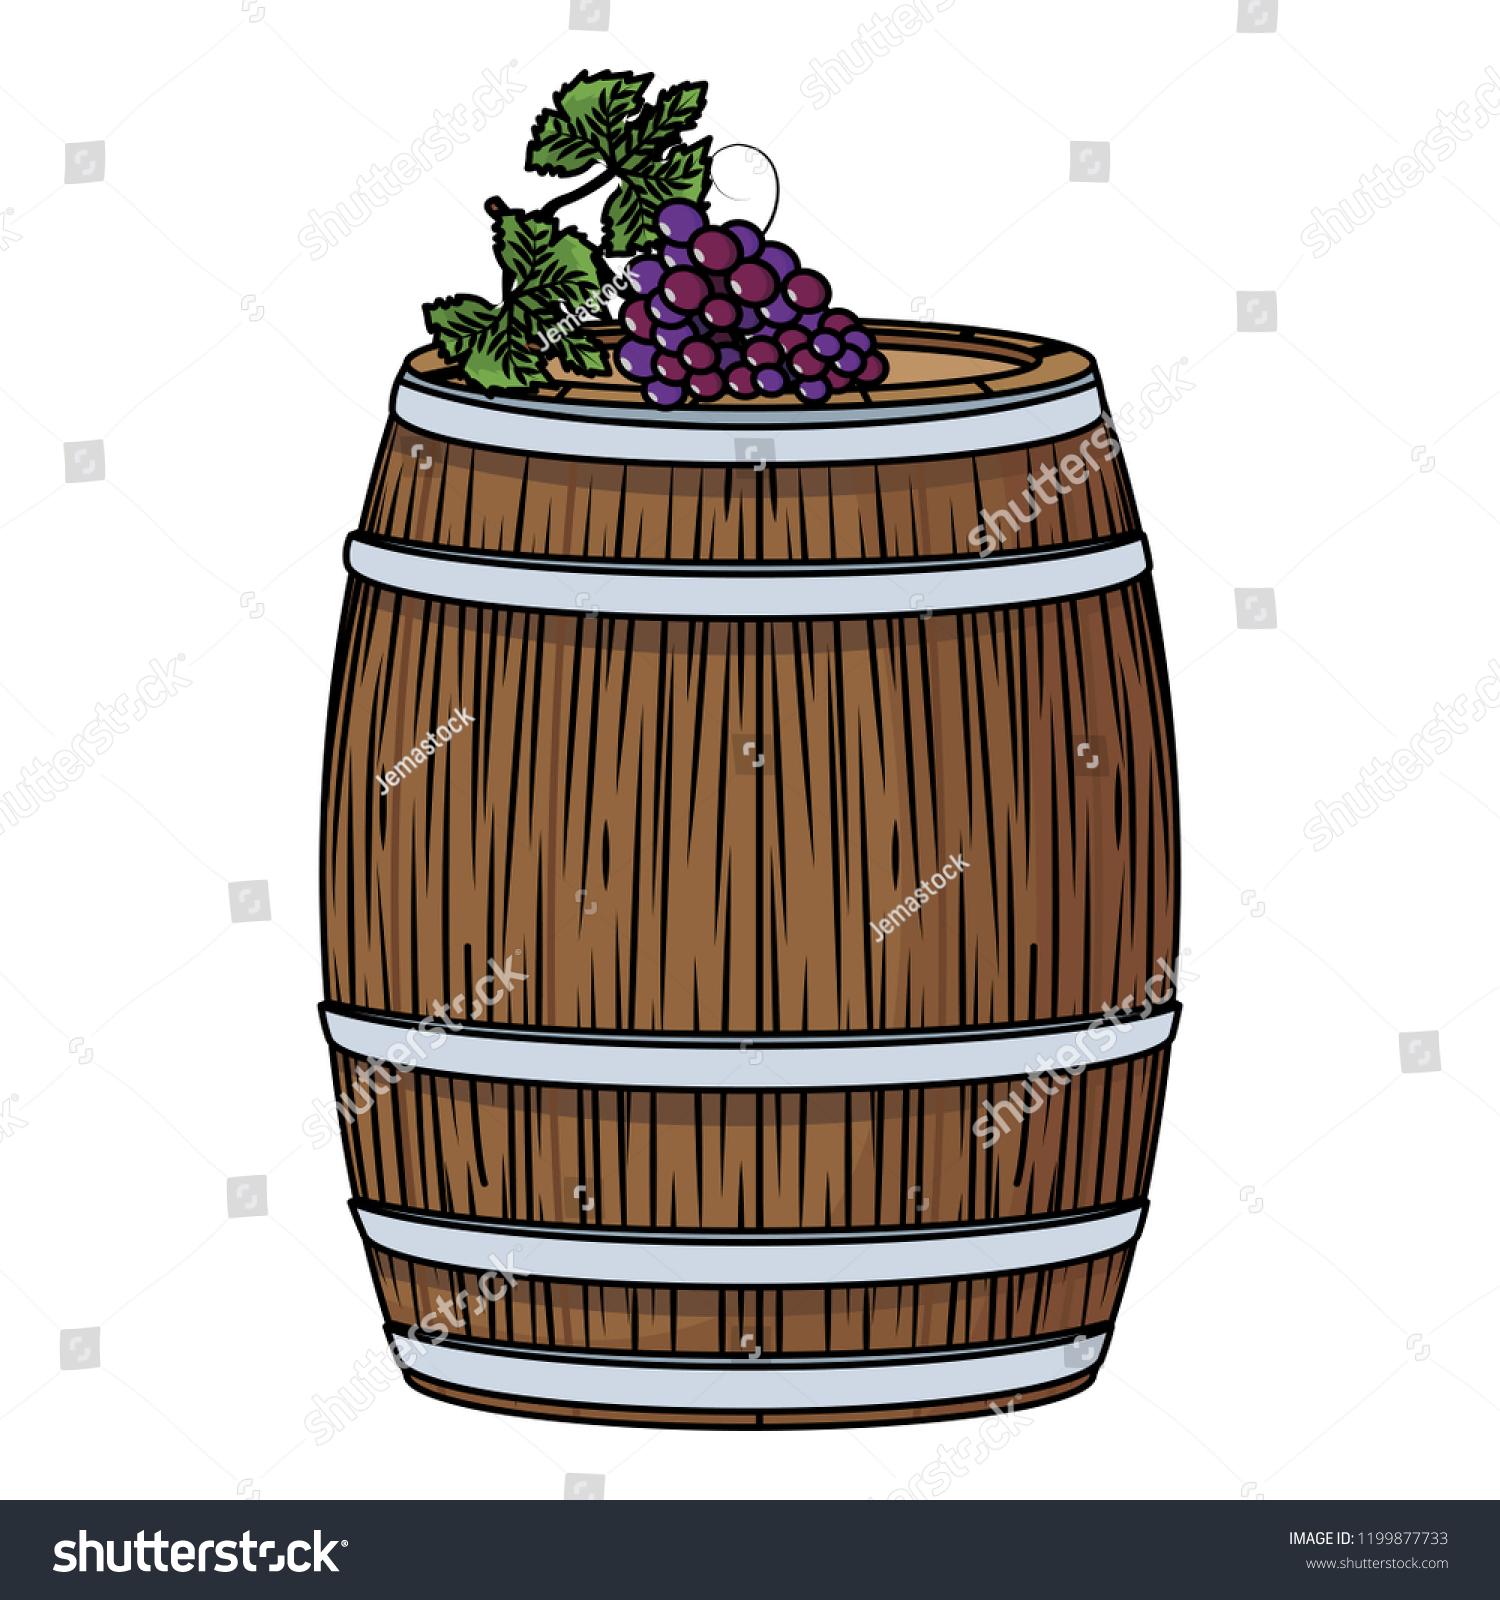 Cherries wine barrel art